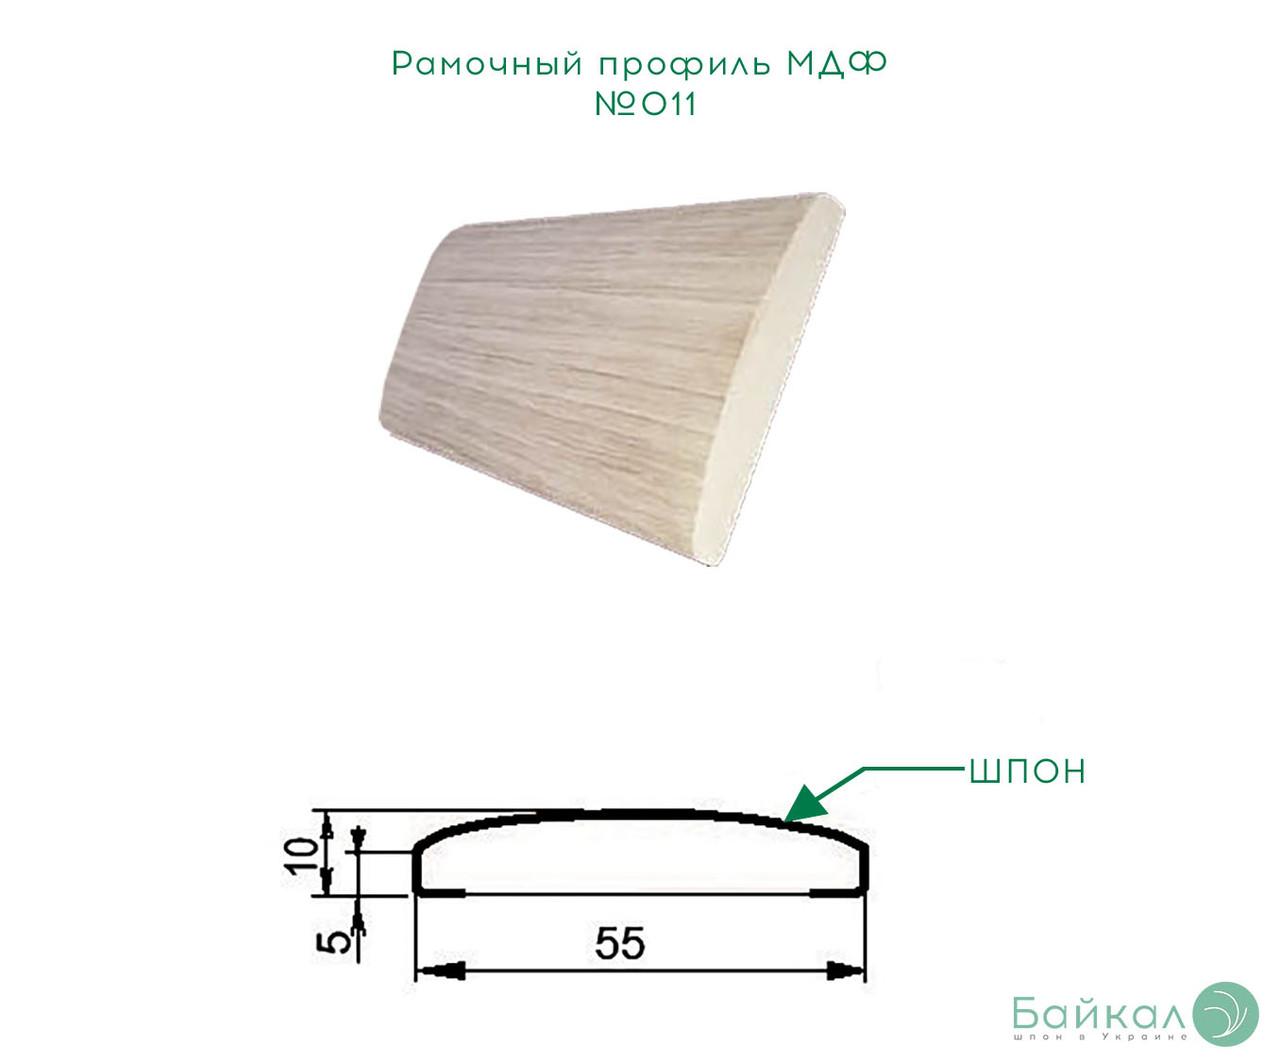 Рамковий плінтус МДФ №011 шпонований 10 мм 2,8мх55 мм